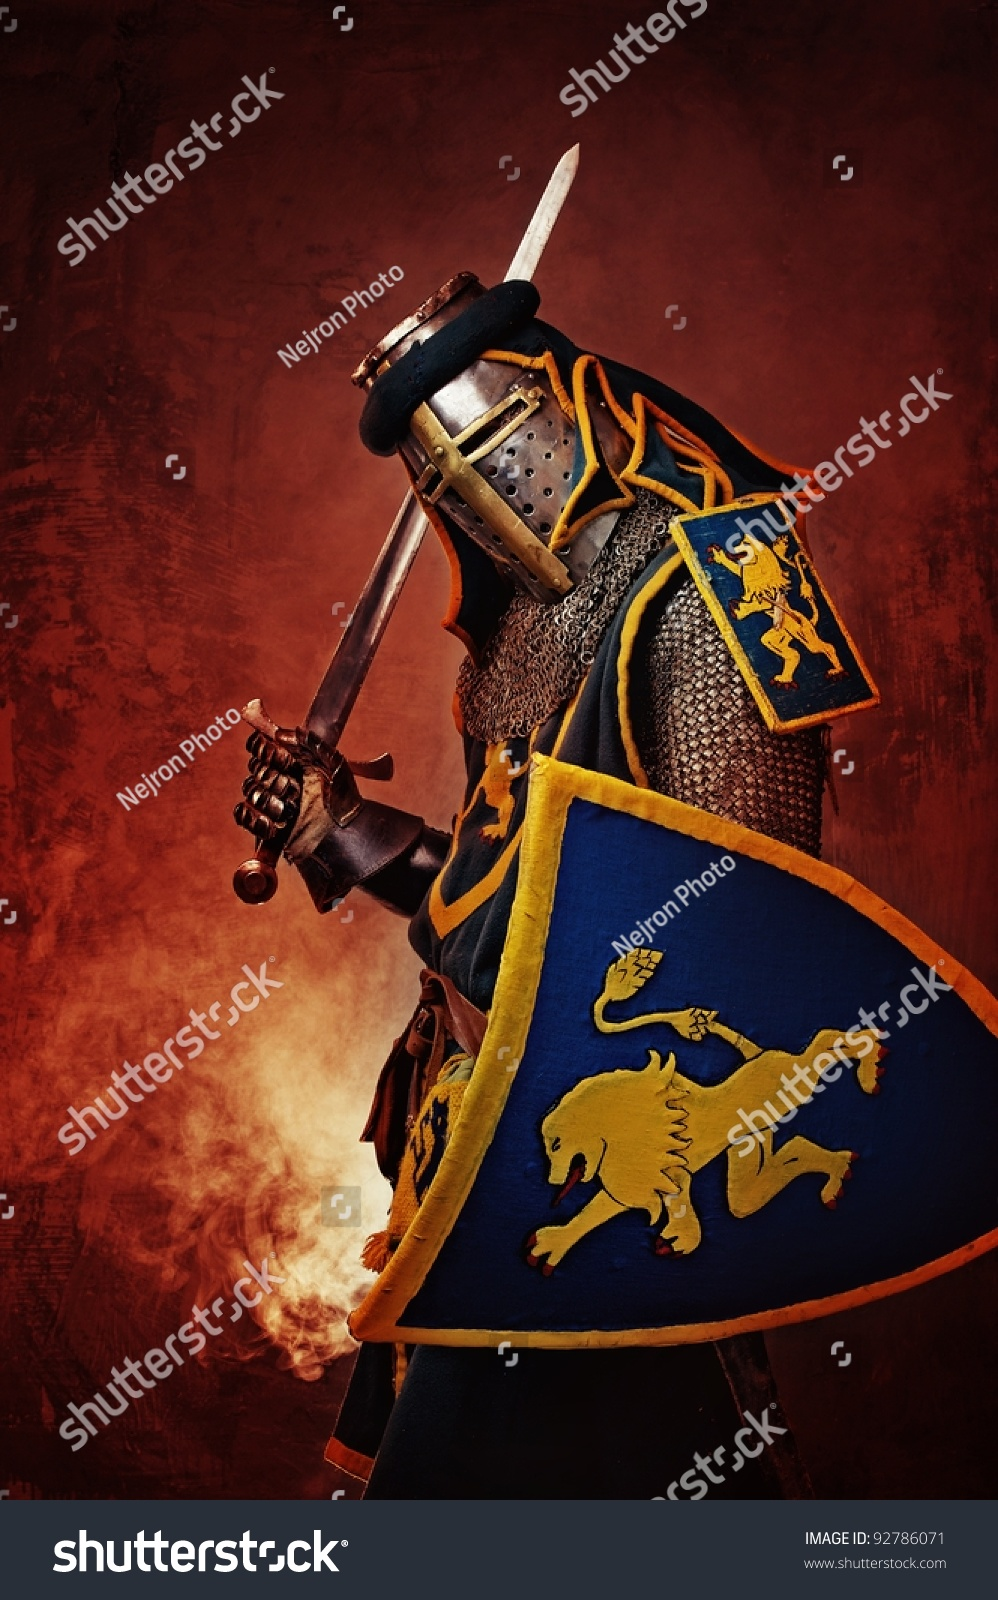 中世纪的骑士在抽象的背景.图片